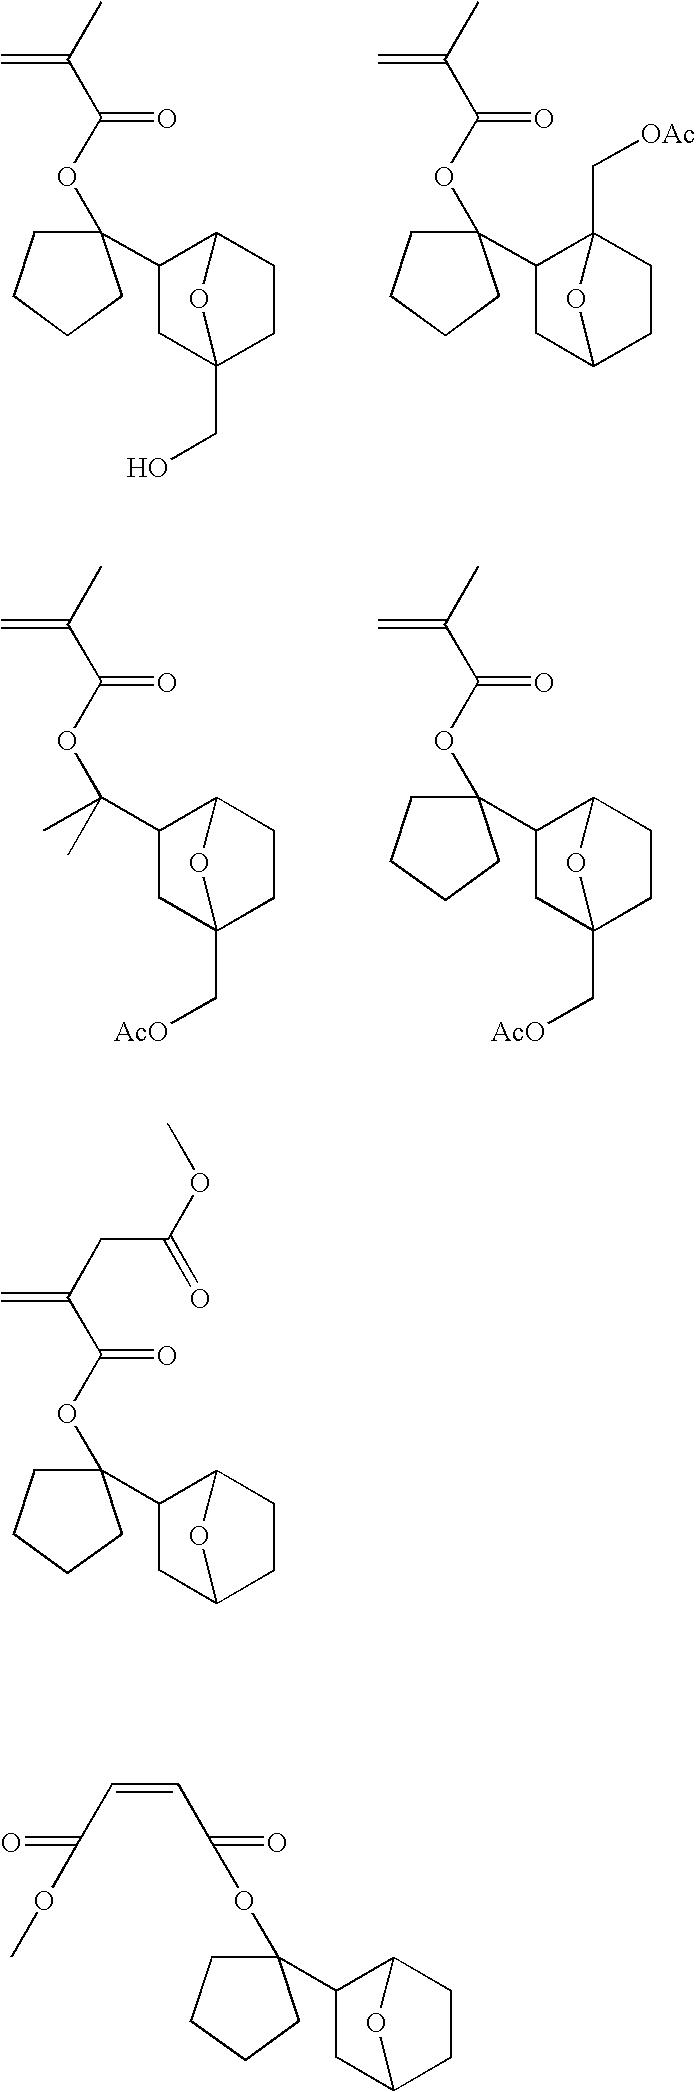 Figure US07368218-20080506-C00031